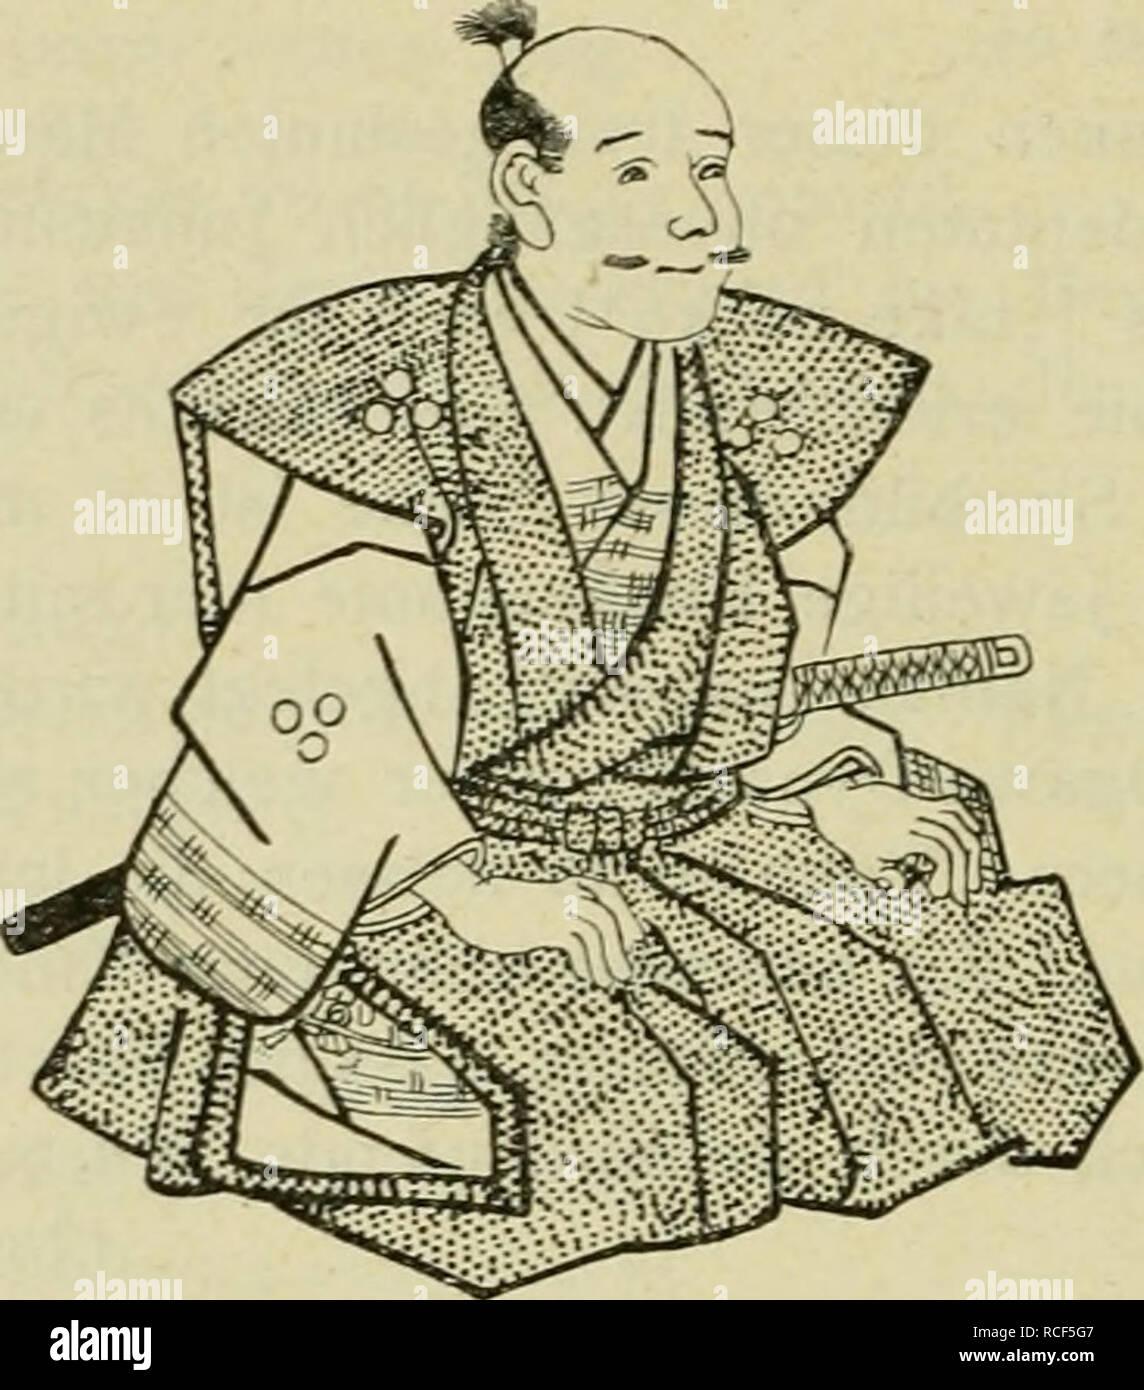 . Die Verwendung des Bambus in Japan und Katalog der Spörry'schen Bambus-Sammlung. 192 In der japanischen durchstöberten / habe ich keinen - Anstän digen Bambuswitz gefunden; dagegen einen berühmten Witzmacher, Sorori Shinzaemon, Vasall des Taiko-sama (1536-1598); da sitzt er:. Abb. -. 61. Sorori Shinzaemon.. Bitte beachten Sie, dass diese Bilder sind von der gescannten Seite Bilder, die digital für die Lesbarkeit verbessert haben mögen - Färbung und Aussehen dieser Abbildungen können nicht perfekt dem Original ähneln. extrahiert. Spörry, Hans, 1859-1925; Schröter, Karl, 1855-1939. Zürich: D Stockbild